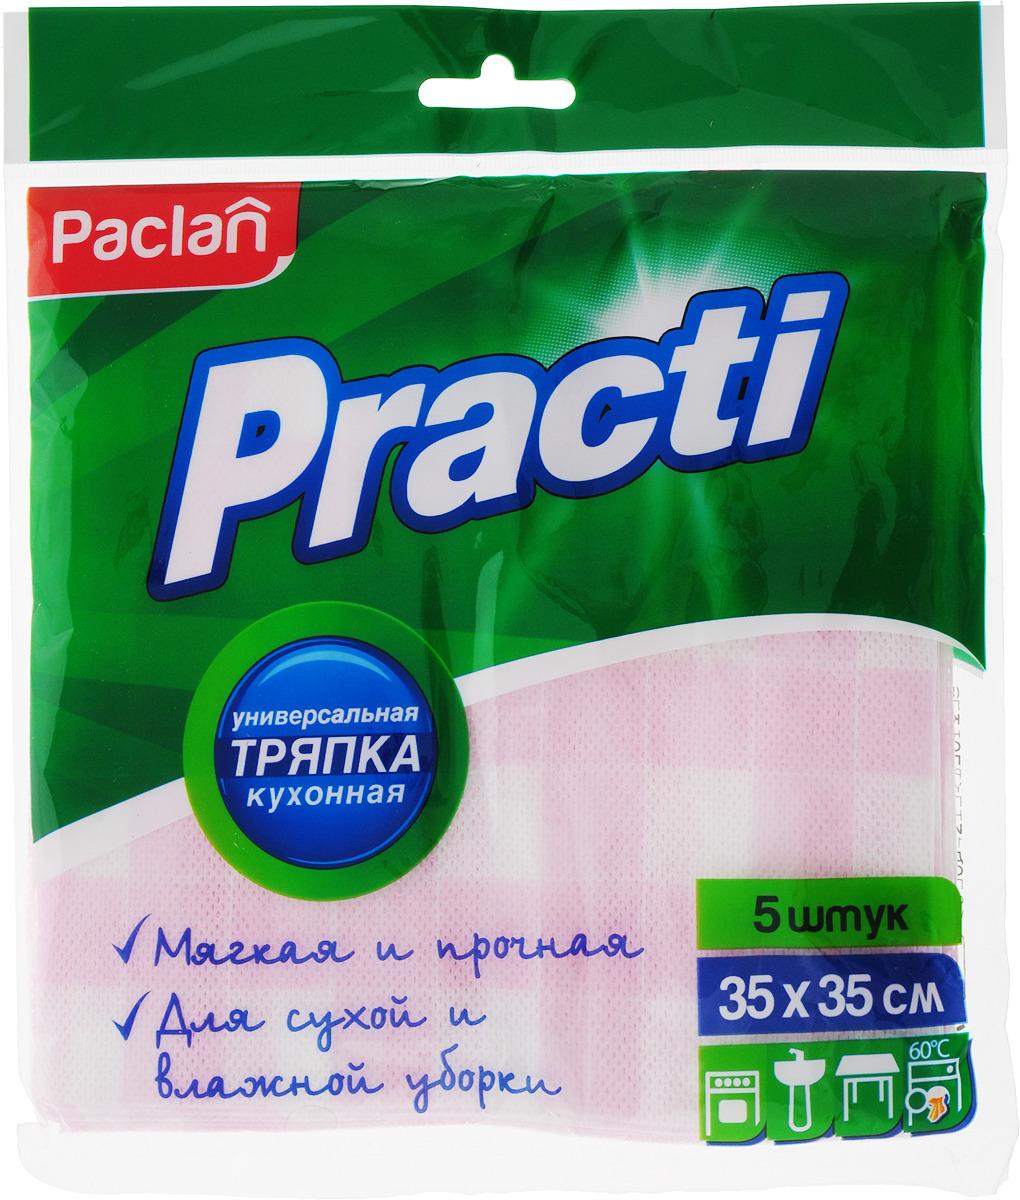 Салфетка универсальная Paclan Practi, для сухой и влажной уборки, 410121/310611/310612, 33 х 35 см, 5 шт цена